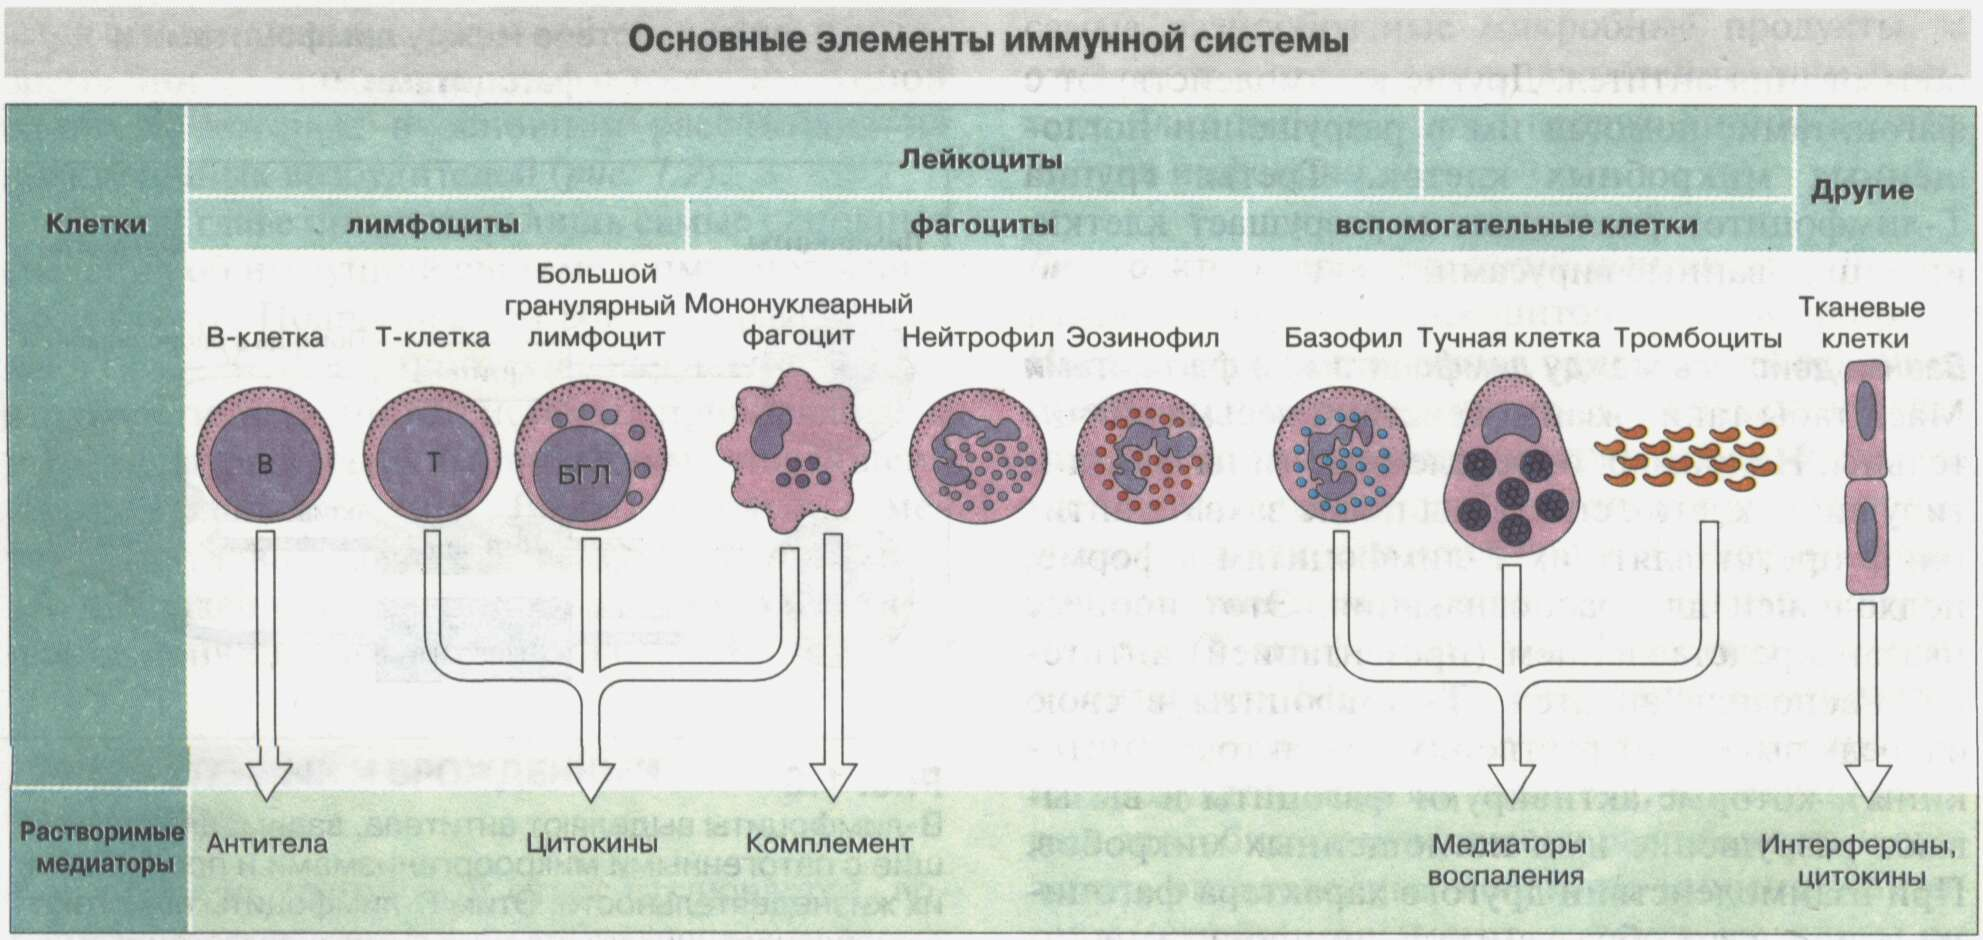 Общие сведения об иммунной системе Рис. 4